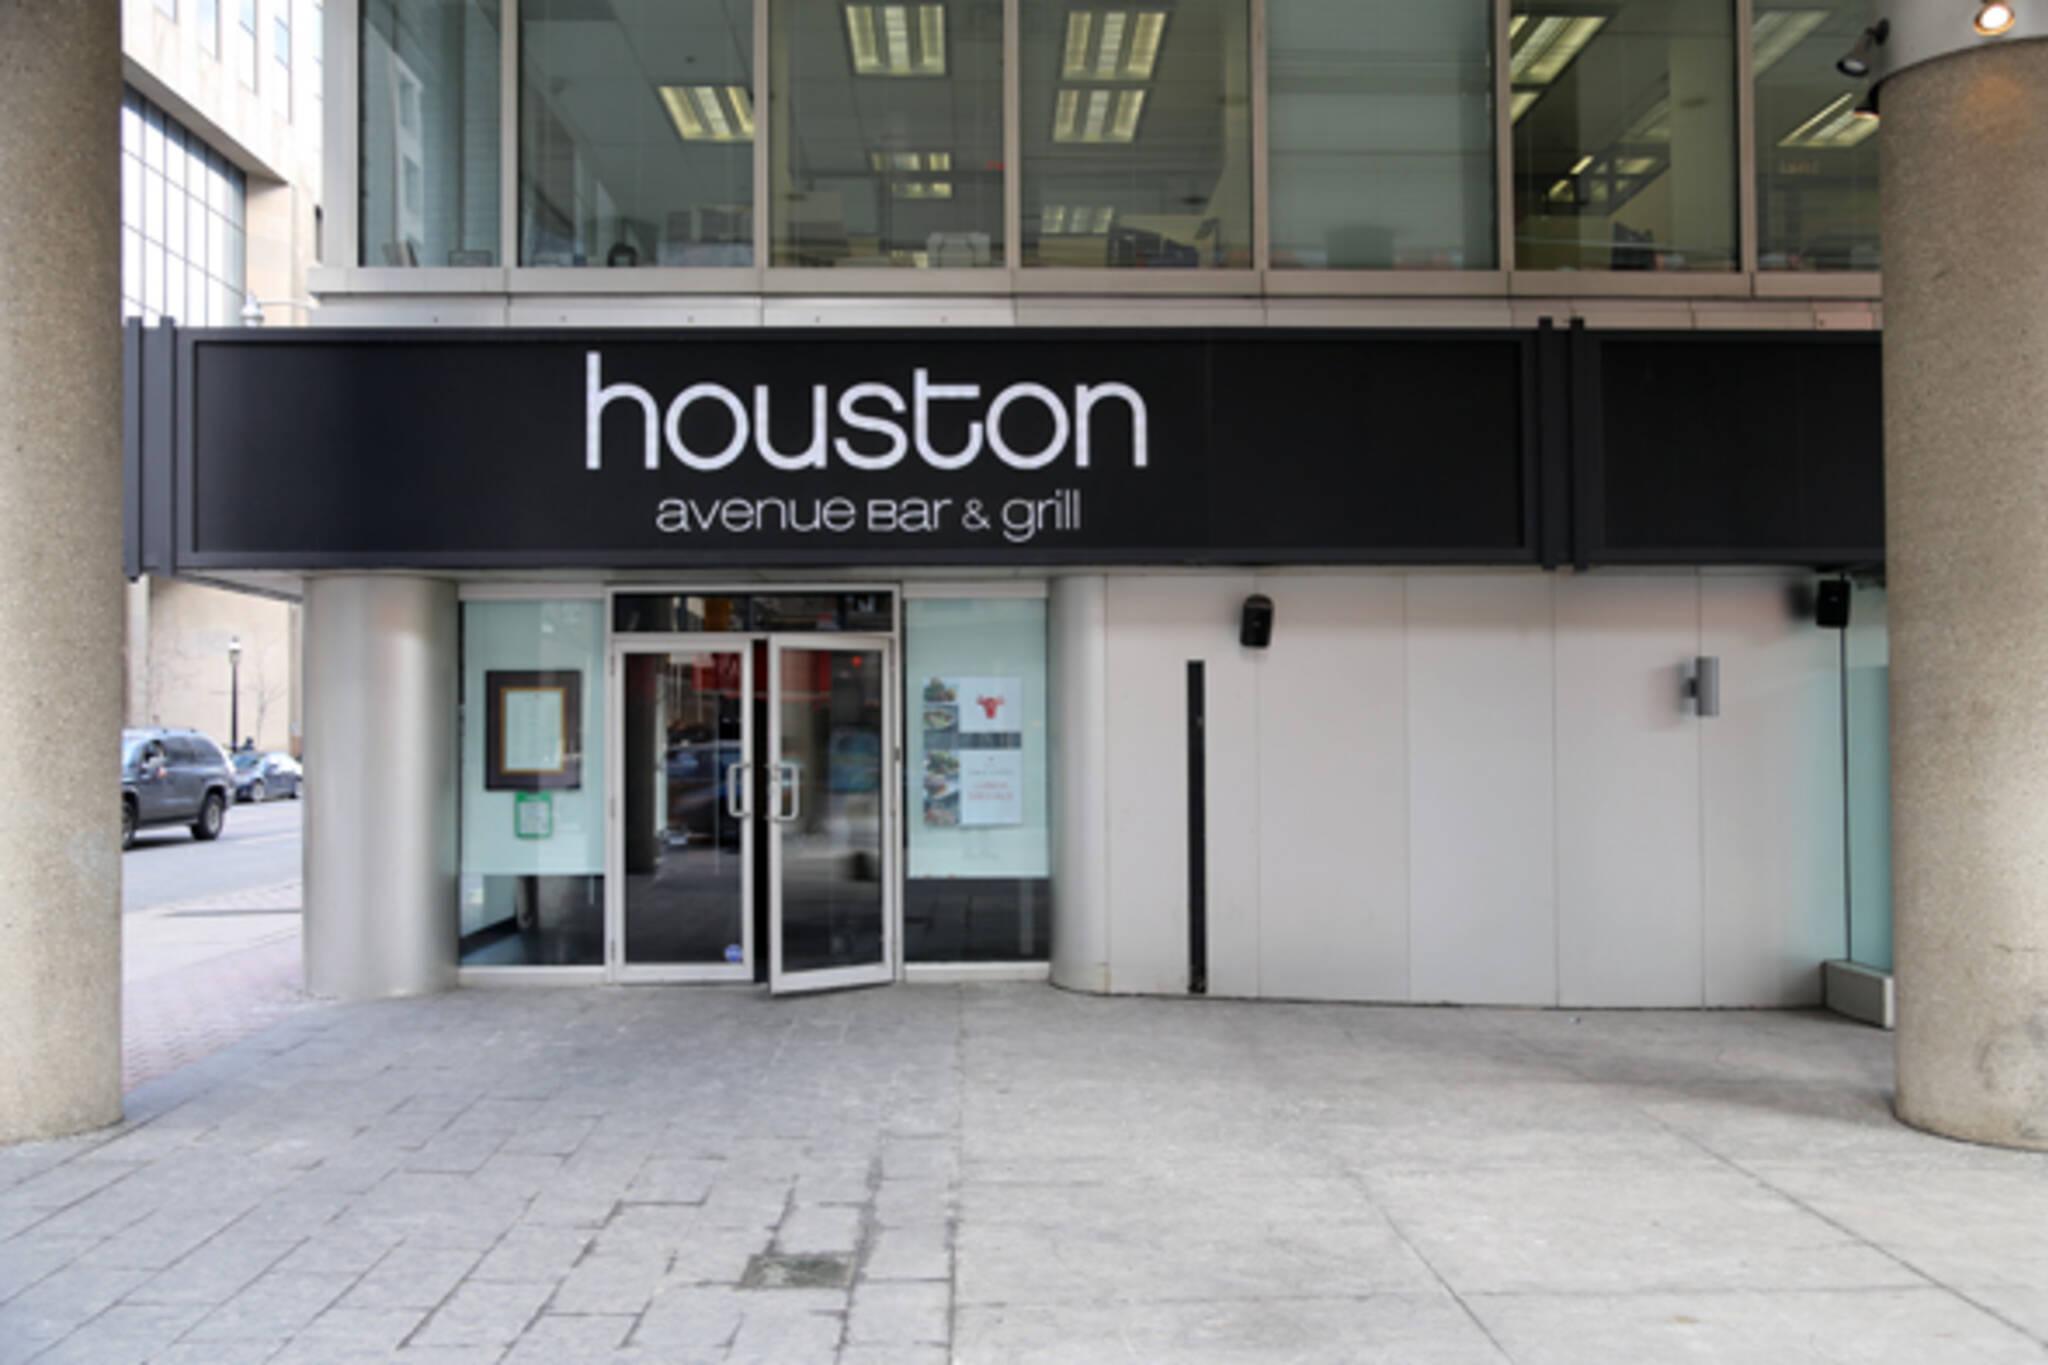 Houston Toronto